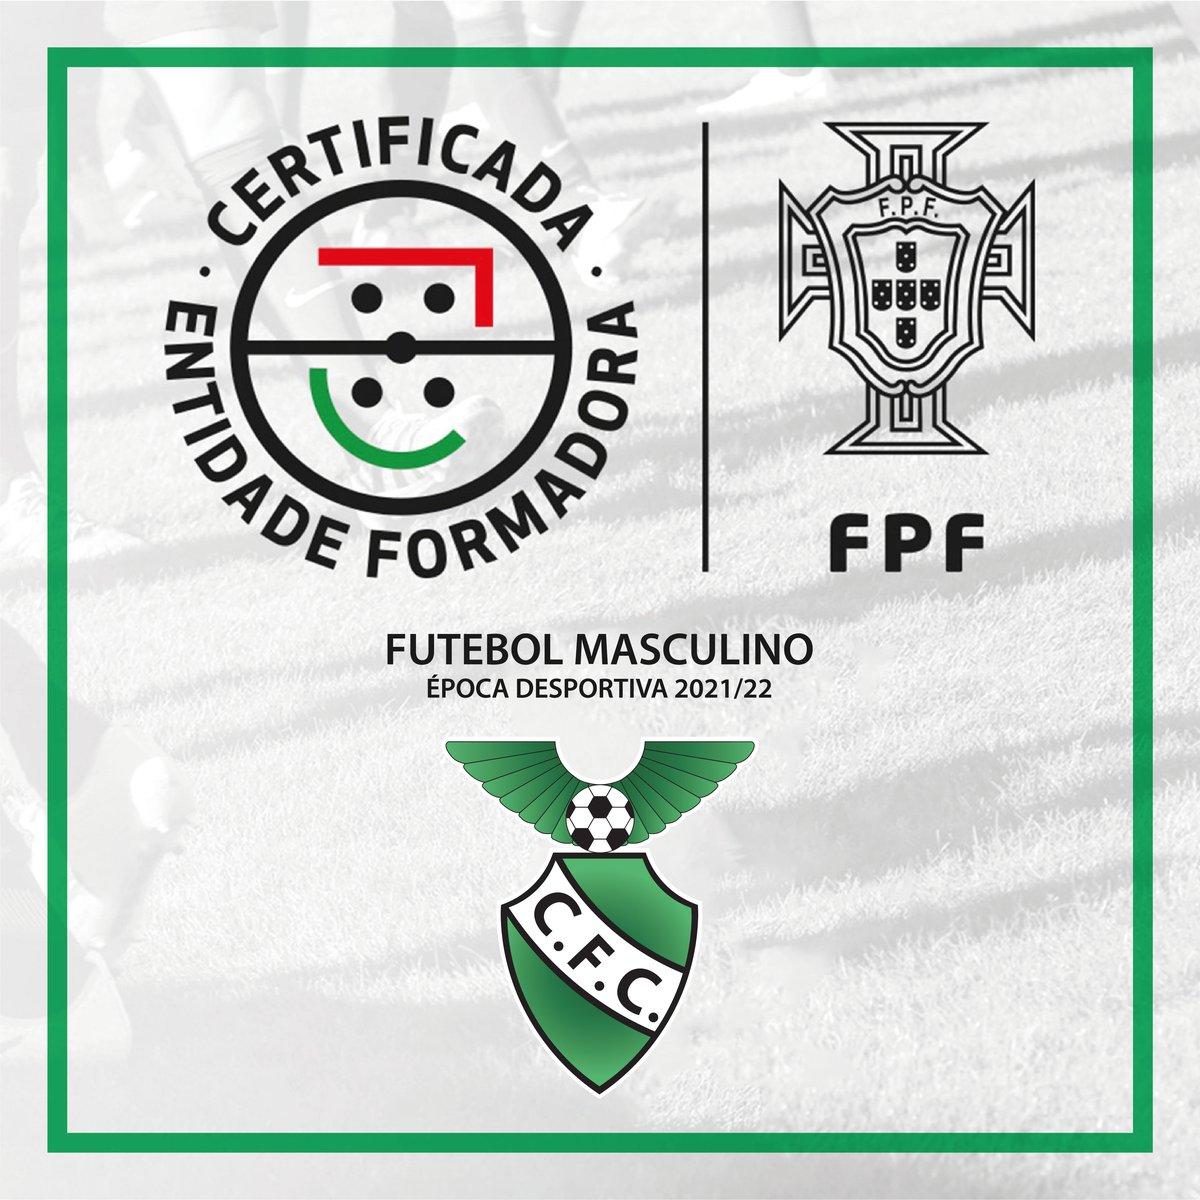 Custóias Entidade Formadora Época Desportiva 2021/22